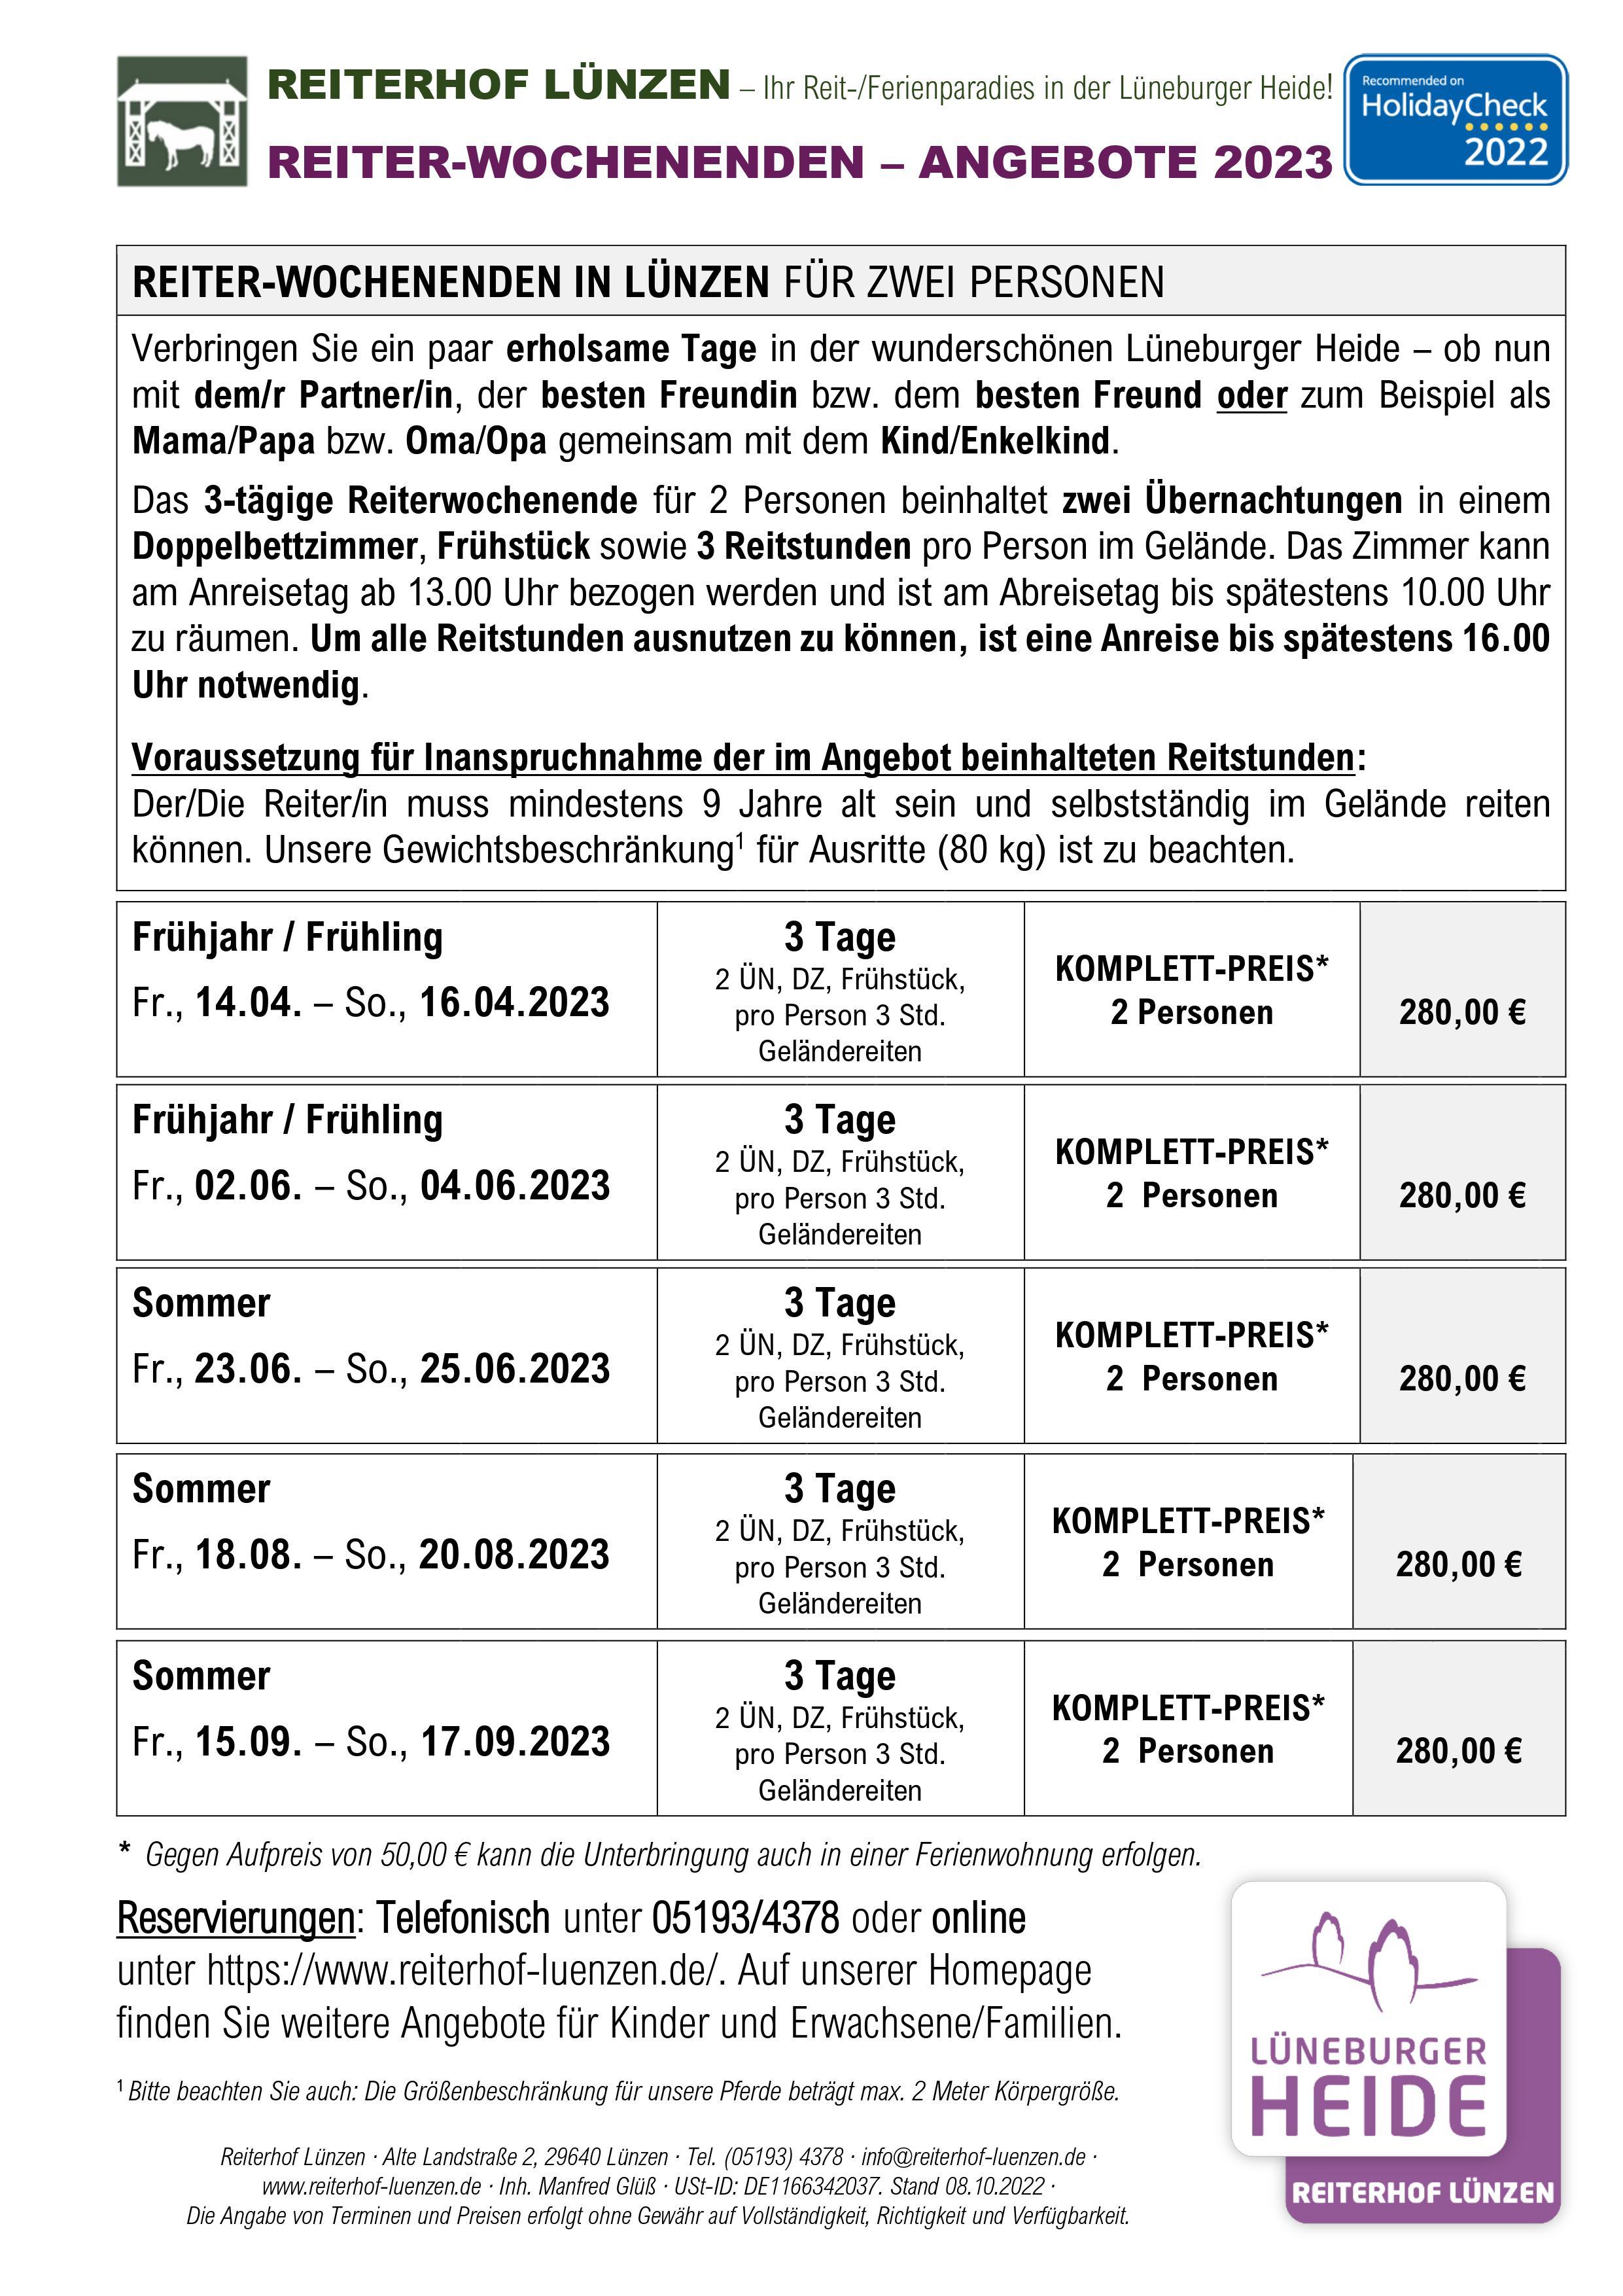 Reiter-Wochenenden Angebote